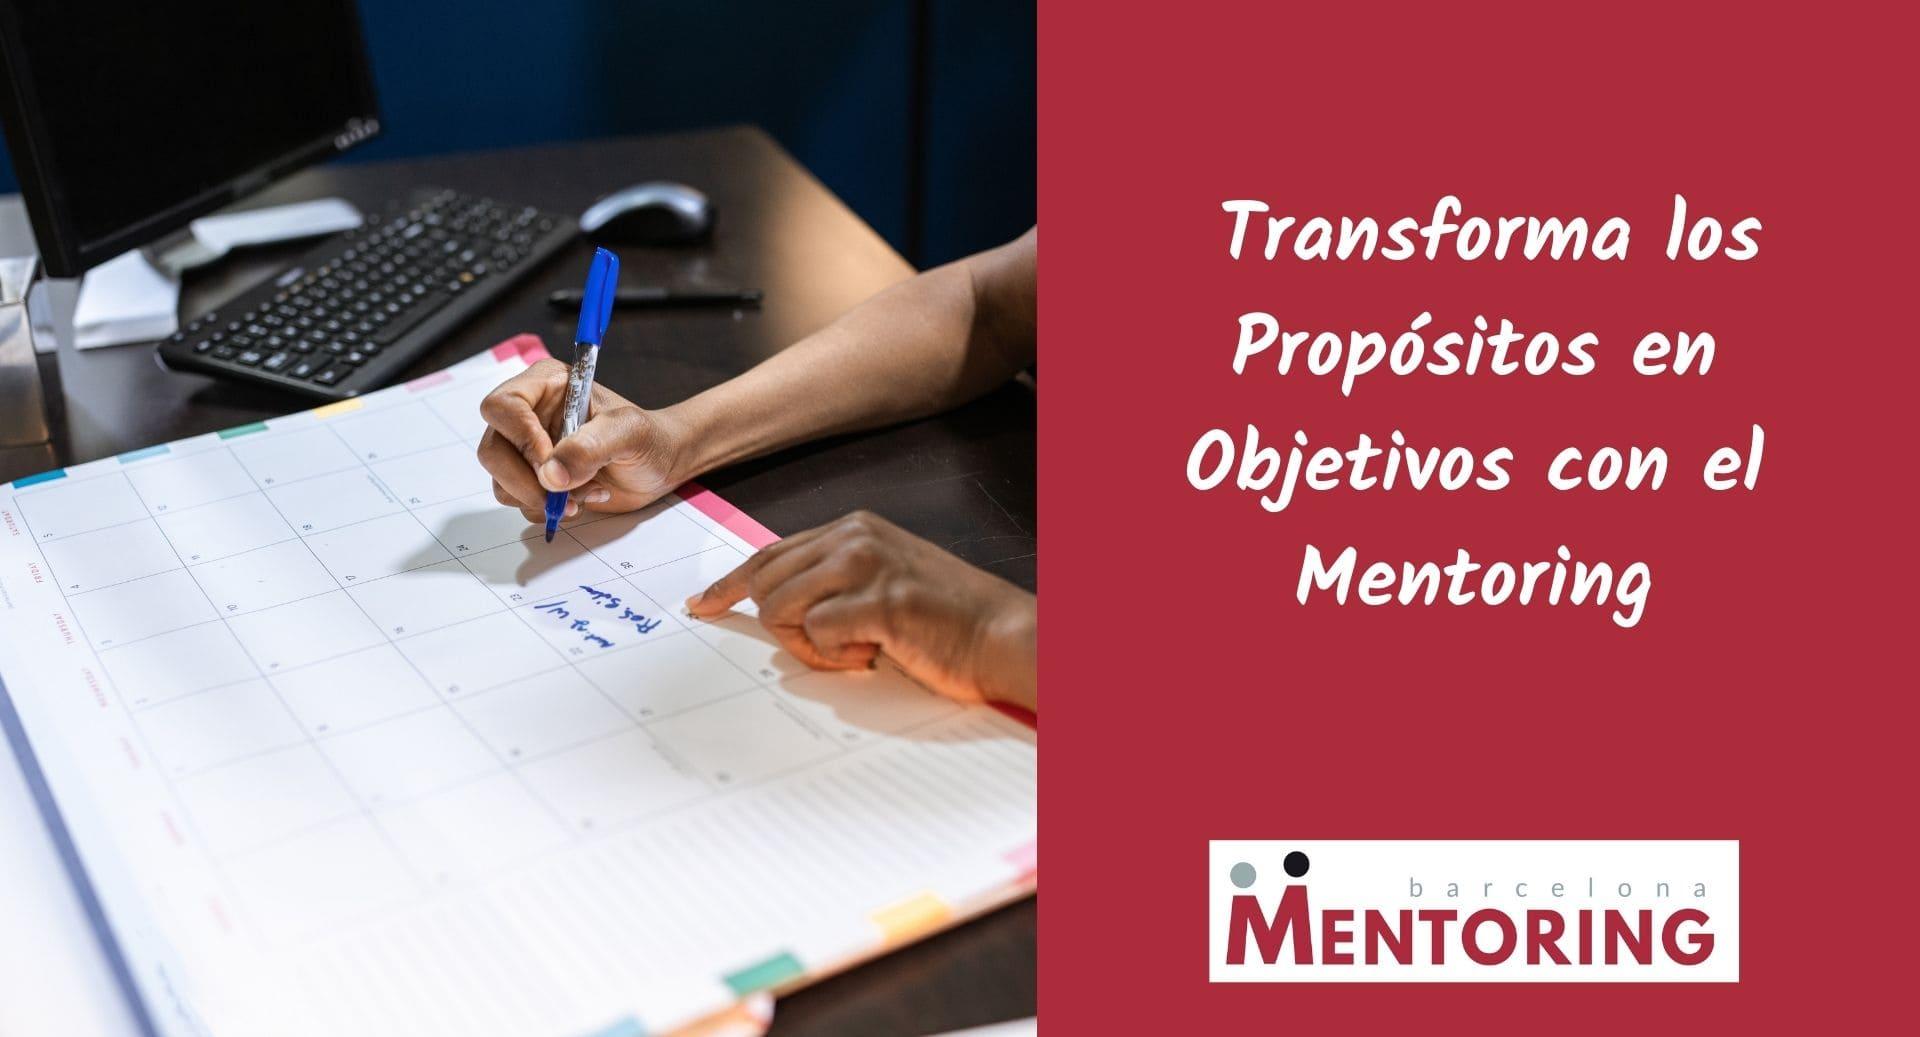 Transforma los propósitos en objetivos con el Mentoring